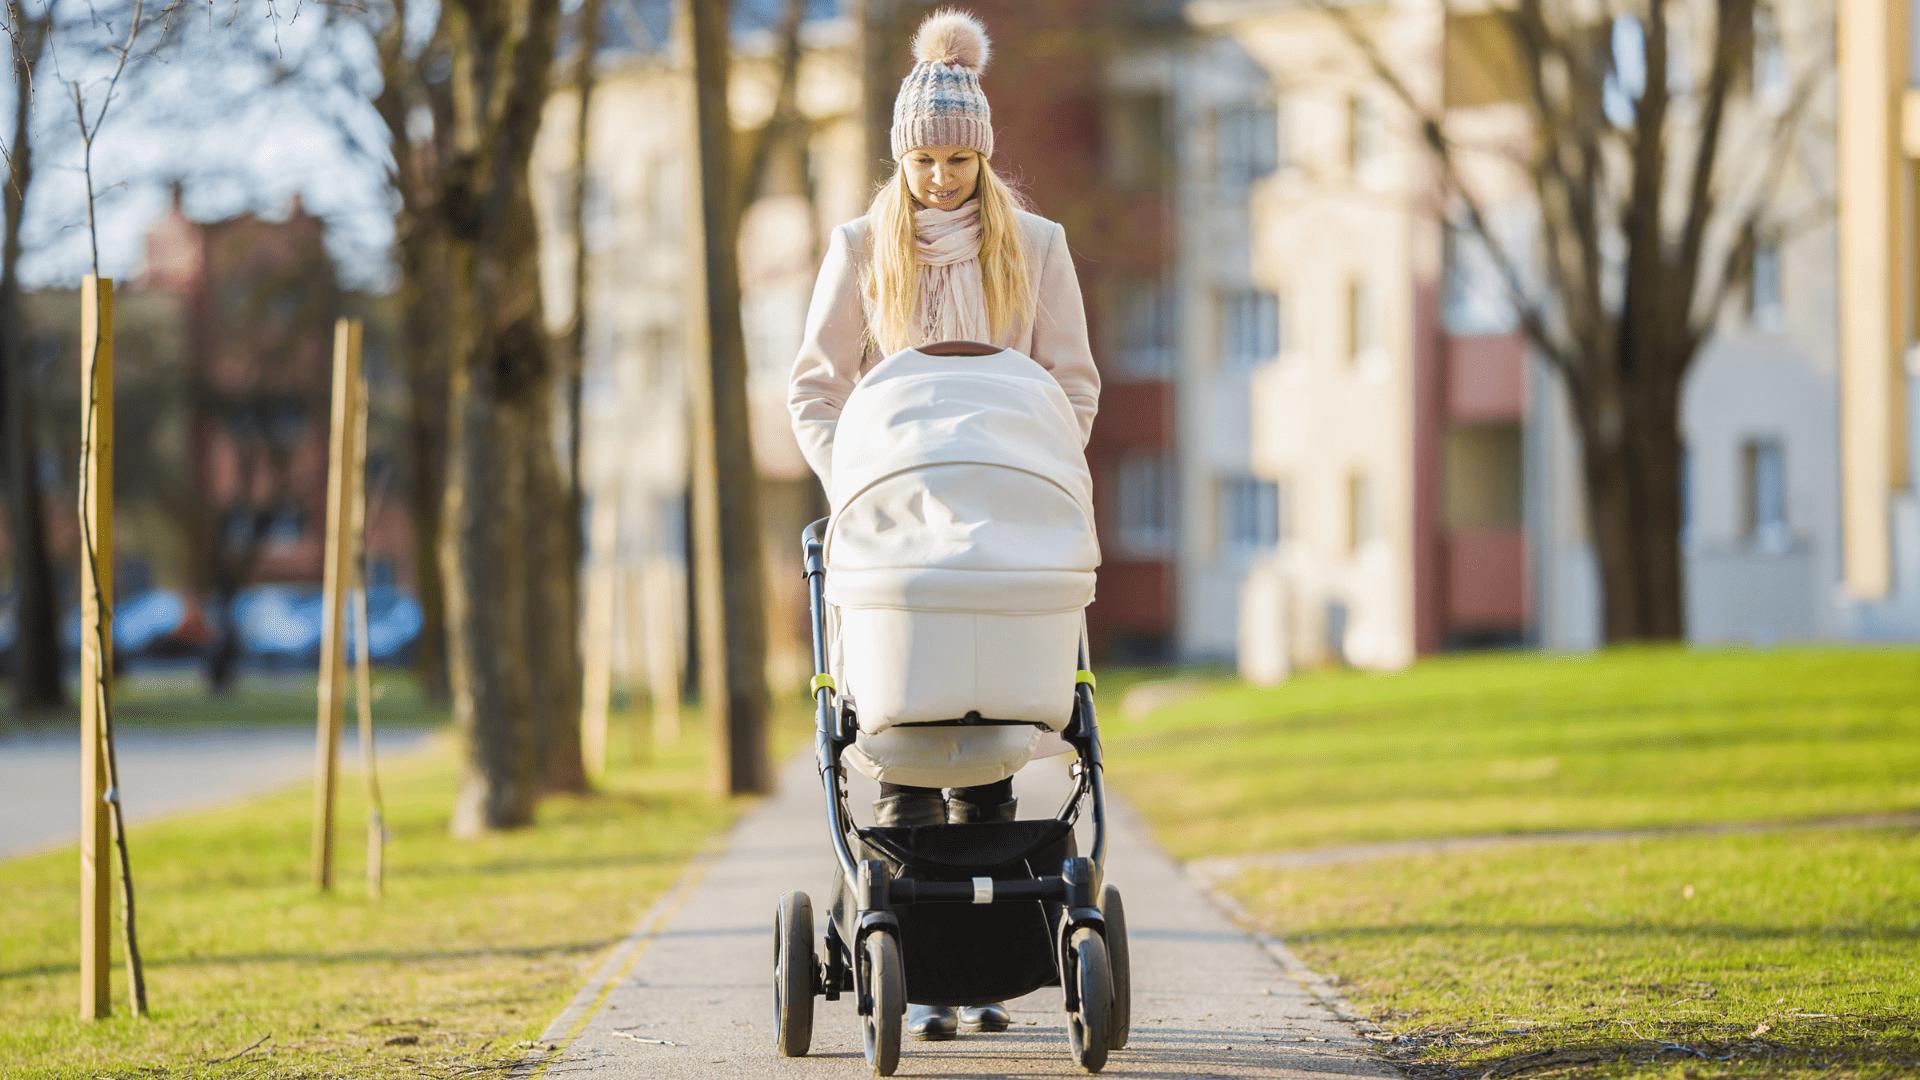 A indicação de peso e idade é importante na escolha do carrinho de bebê (Imagem: Reprodução/Shutterstock)